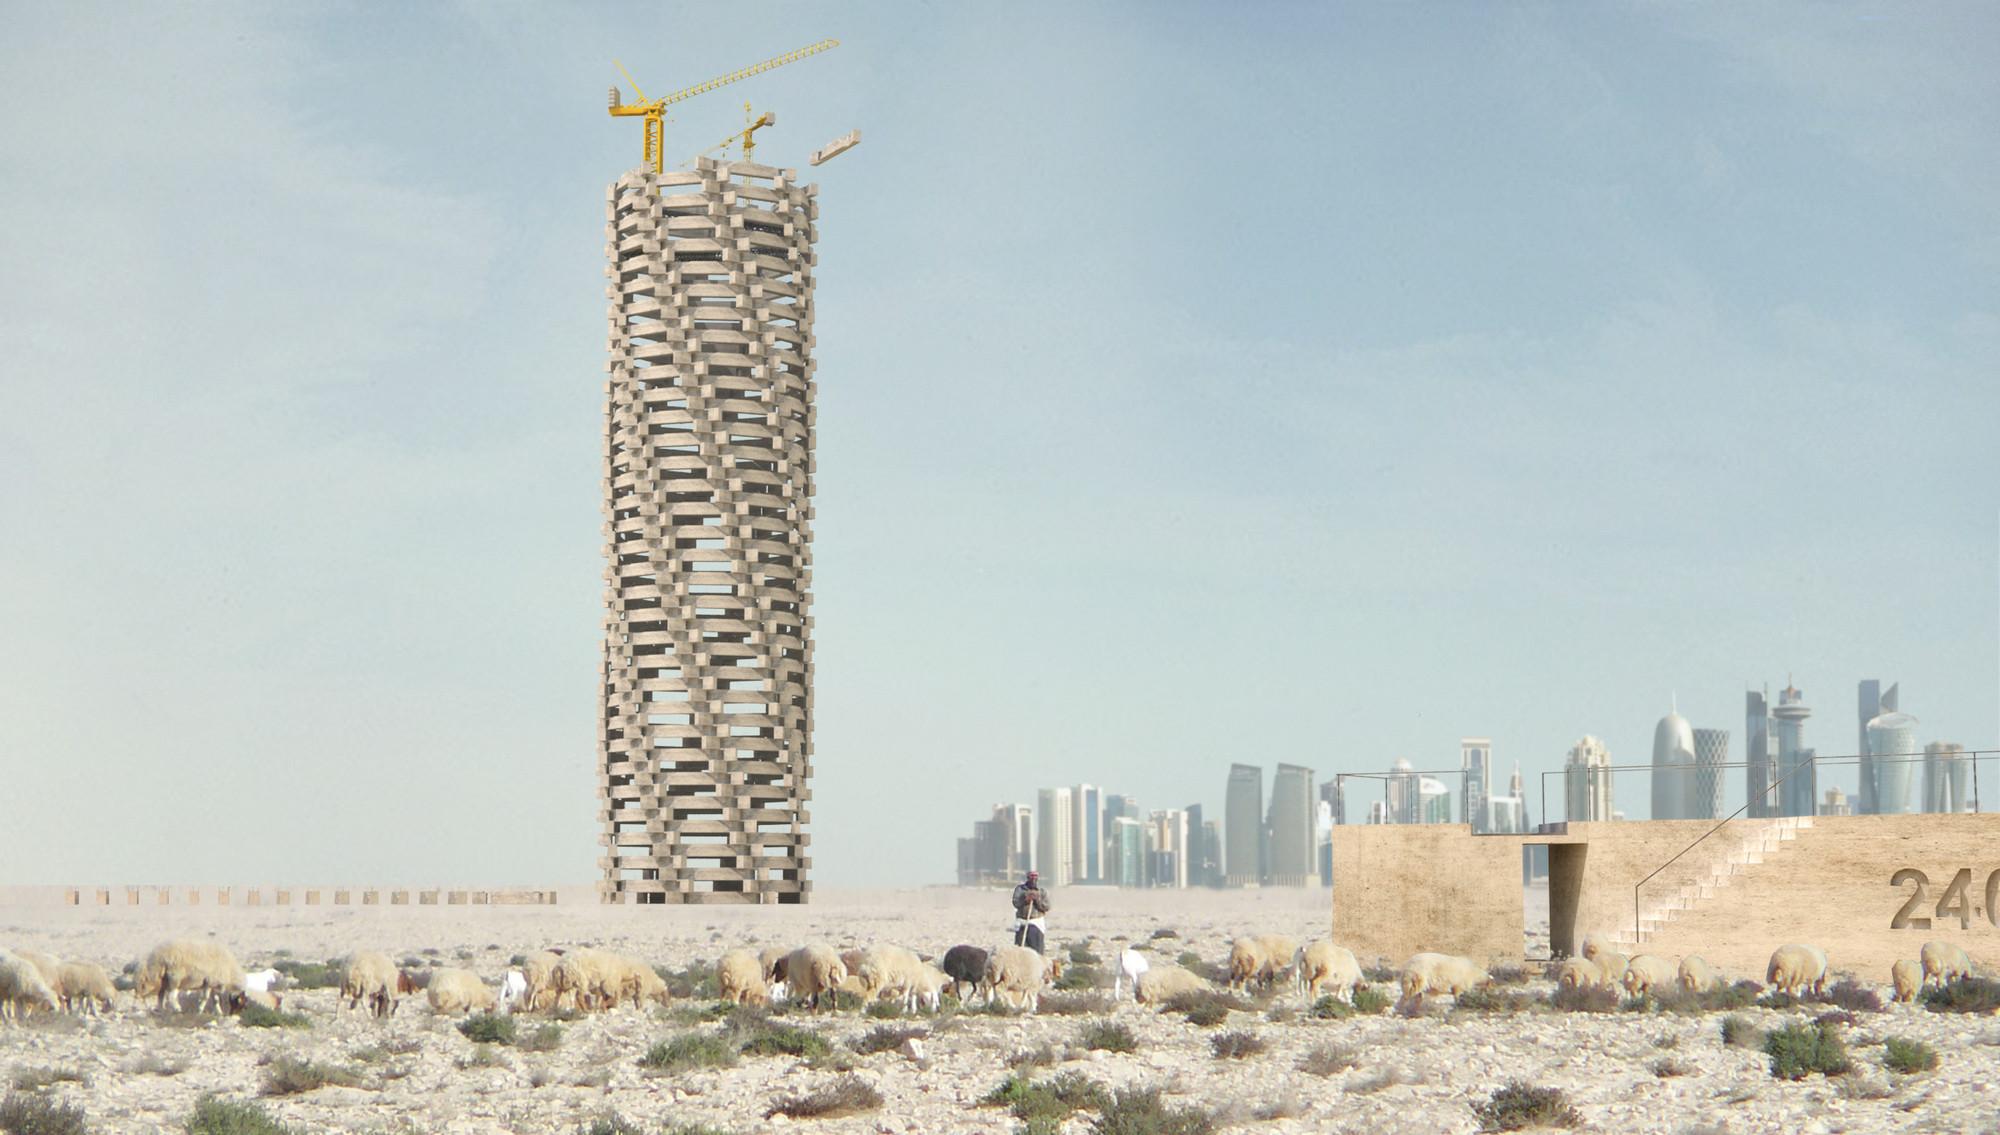 Towering Folly: un momumento que crece a medida que aumenta la cifra de muertos en Qatar, Cortesía de 1week1project